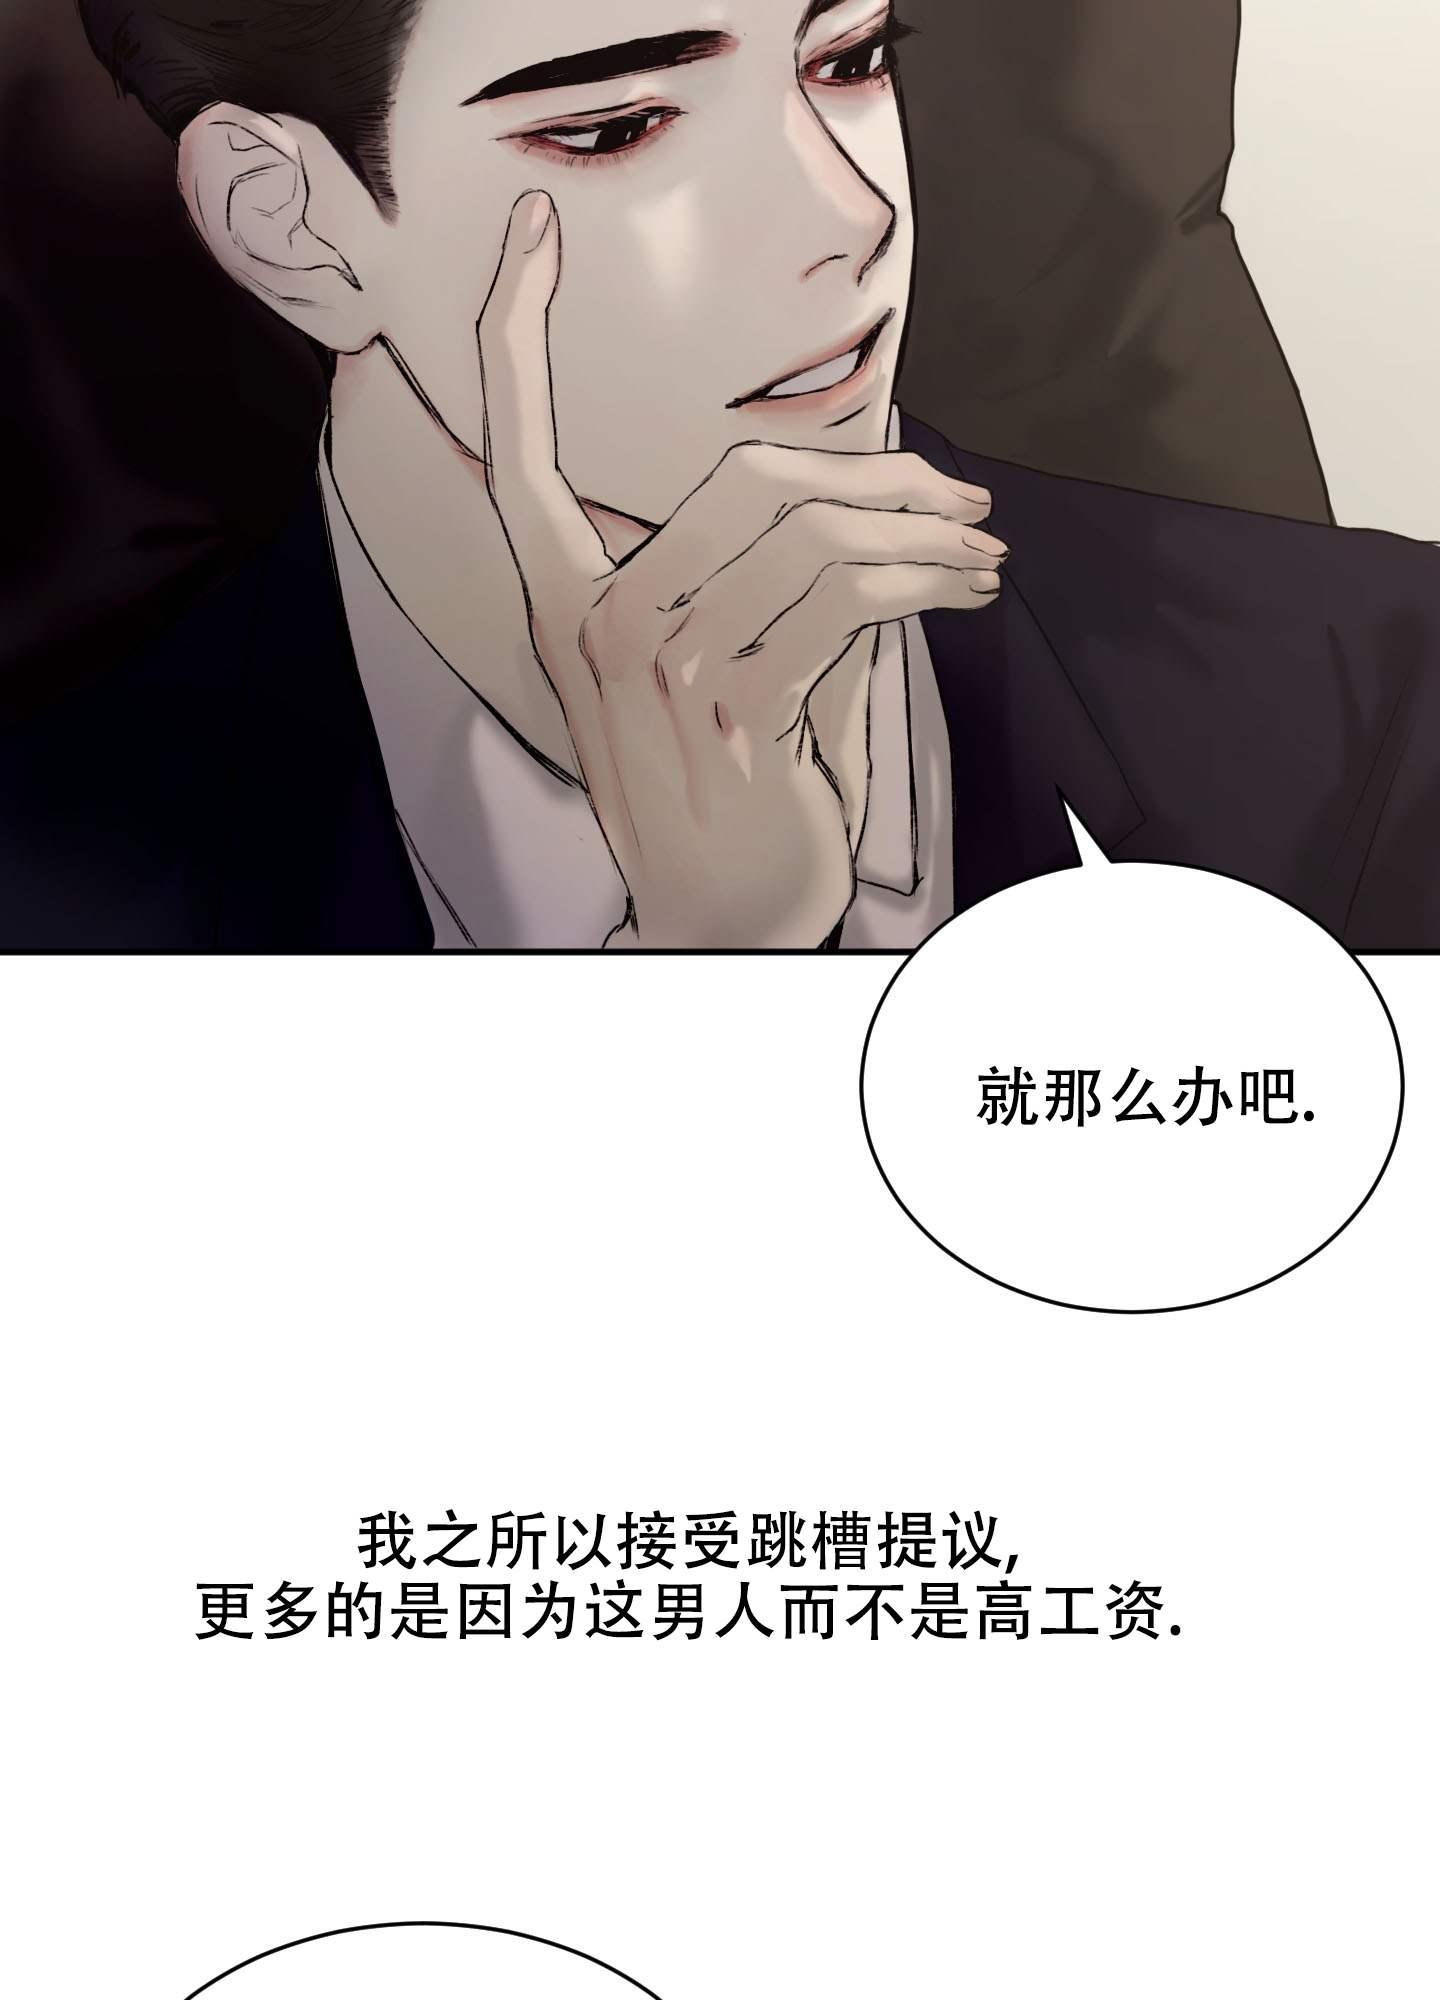 韩漫 |《恶魔的低语》年下痞老板,上来就扑倒!  第45张